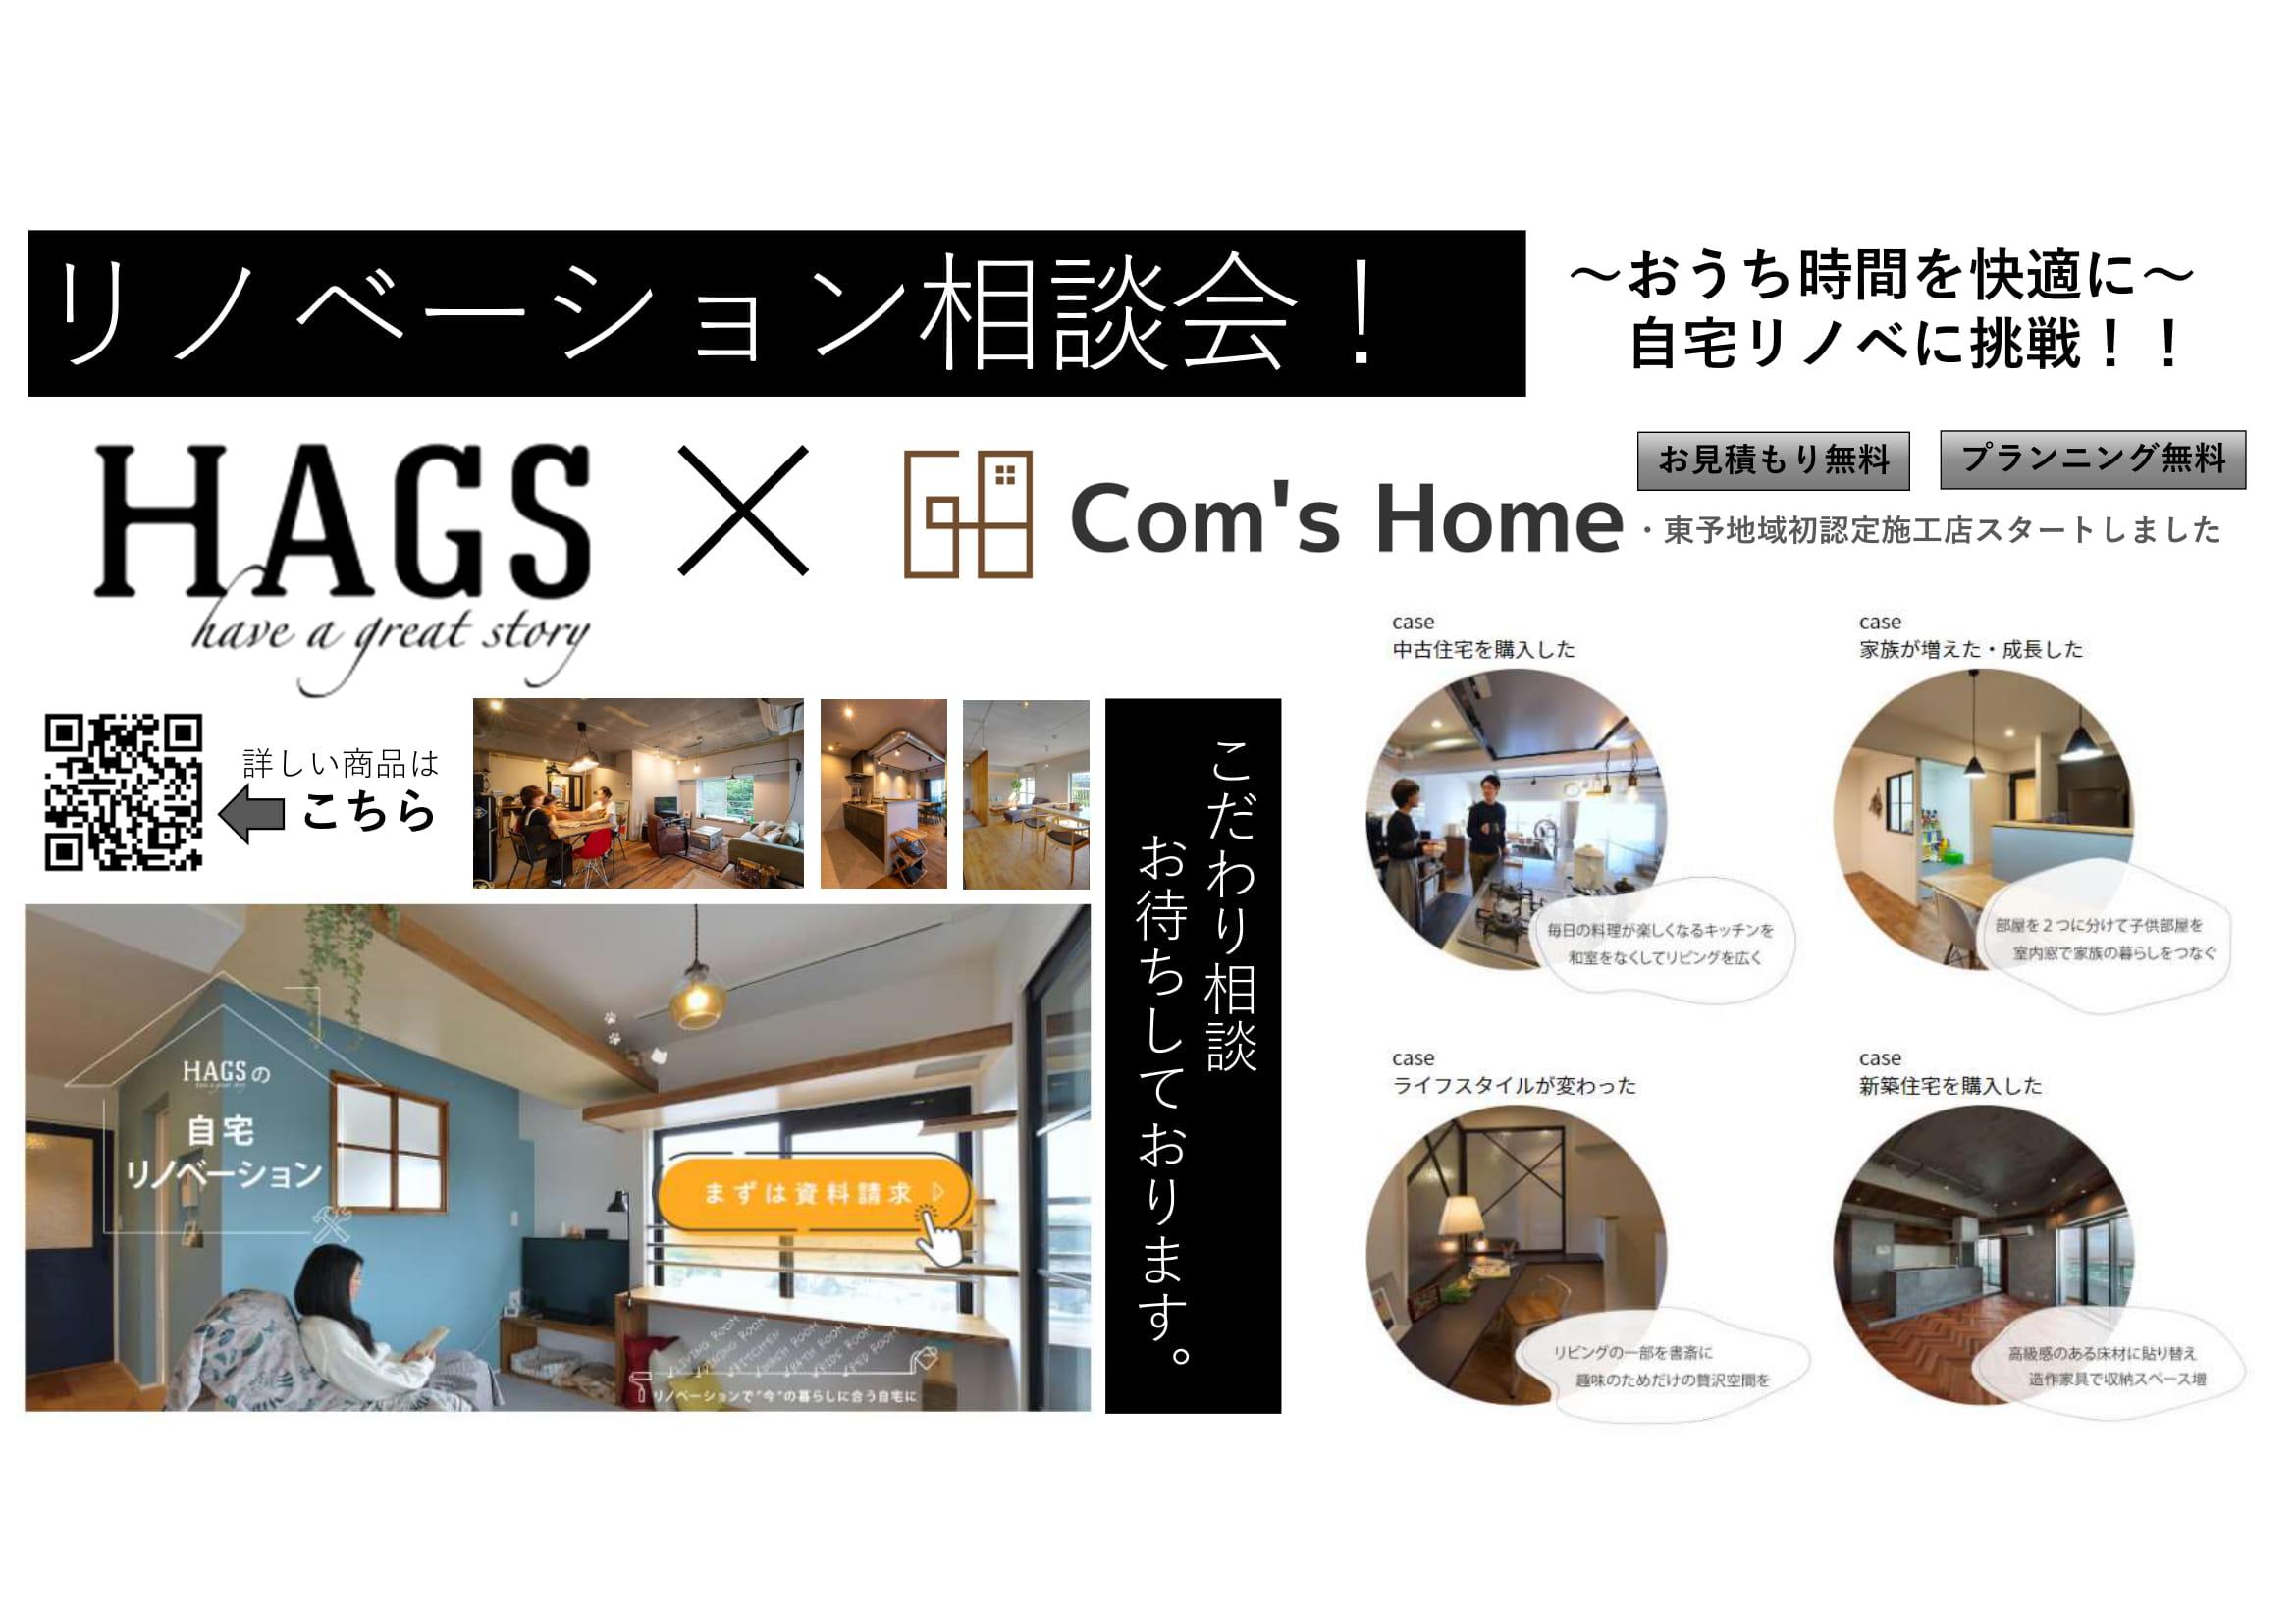 HAGS×Com's リノベーション相談会